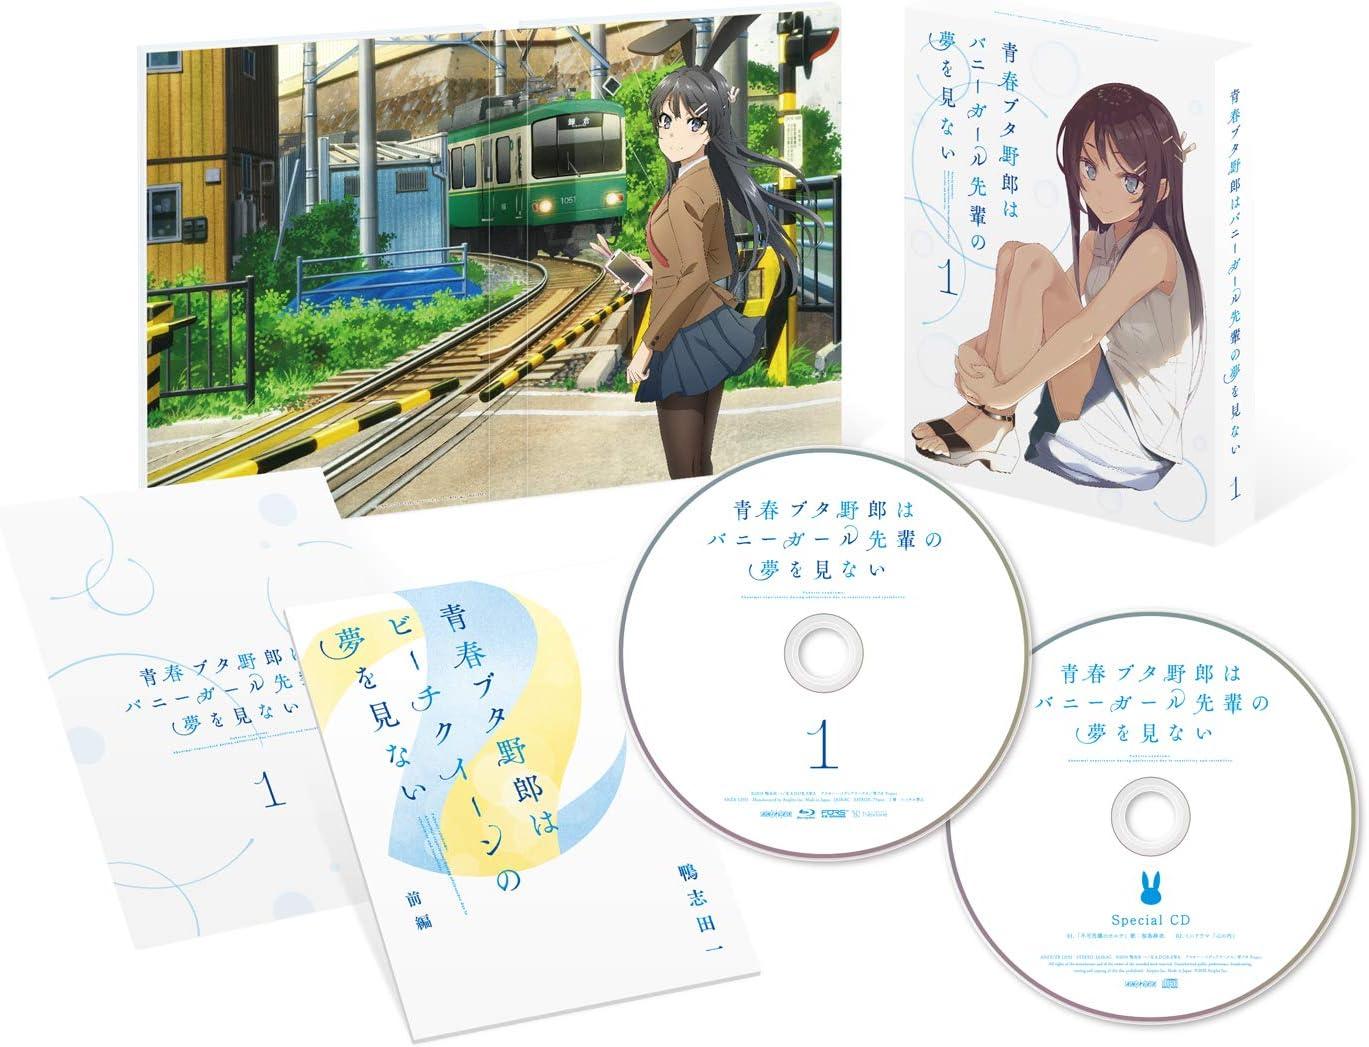 青 ブタ 映画 dvd